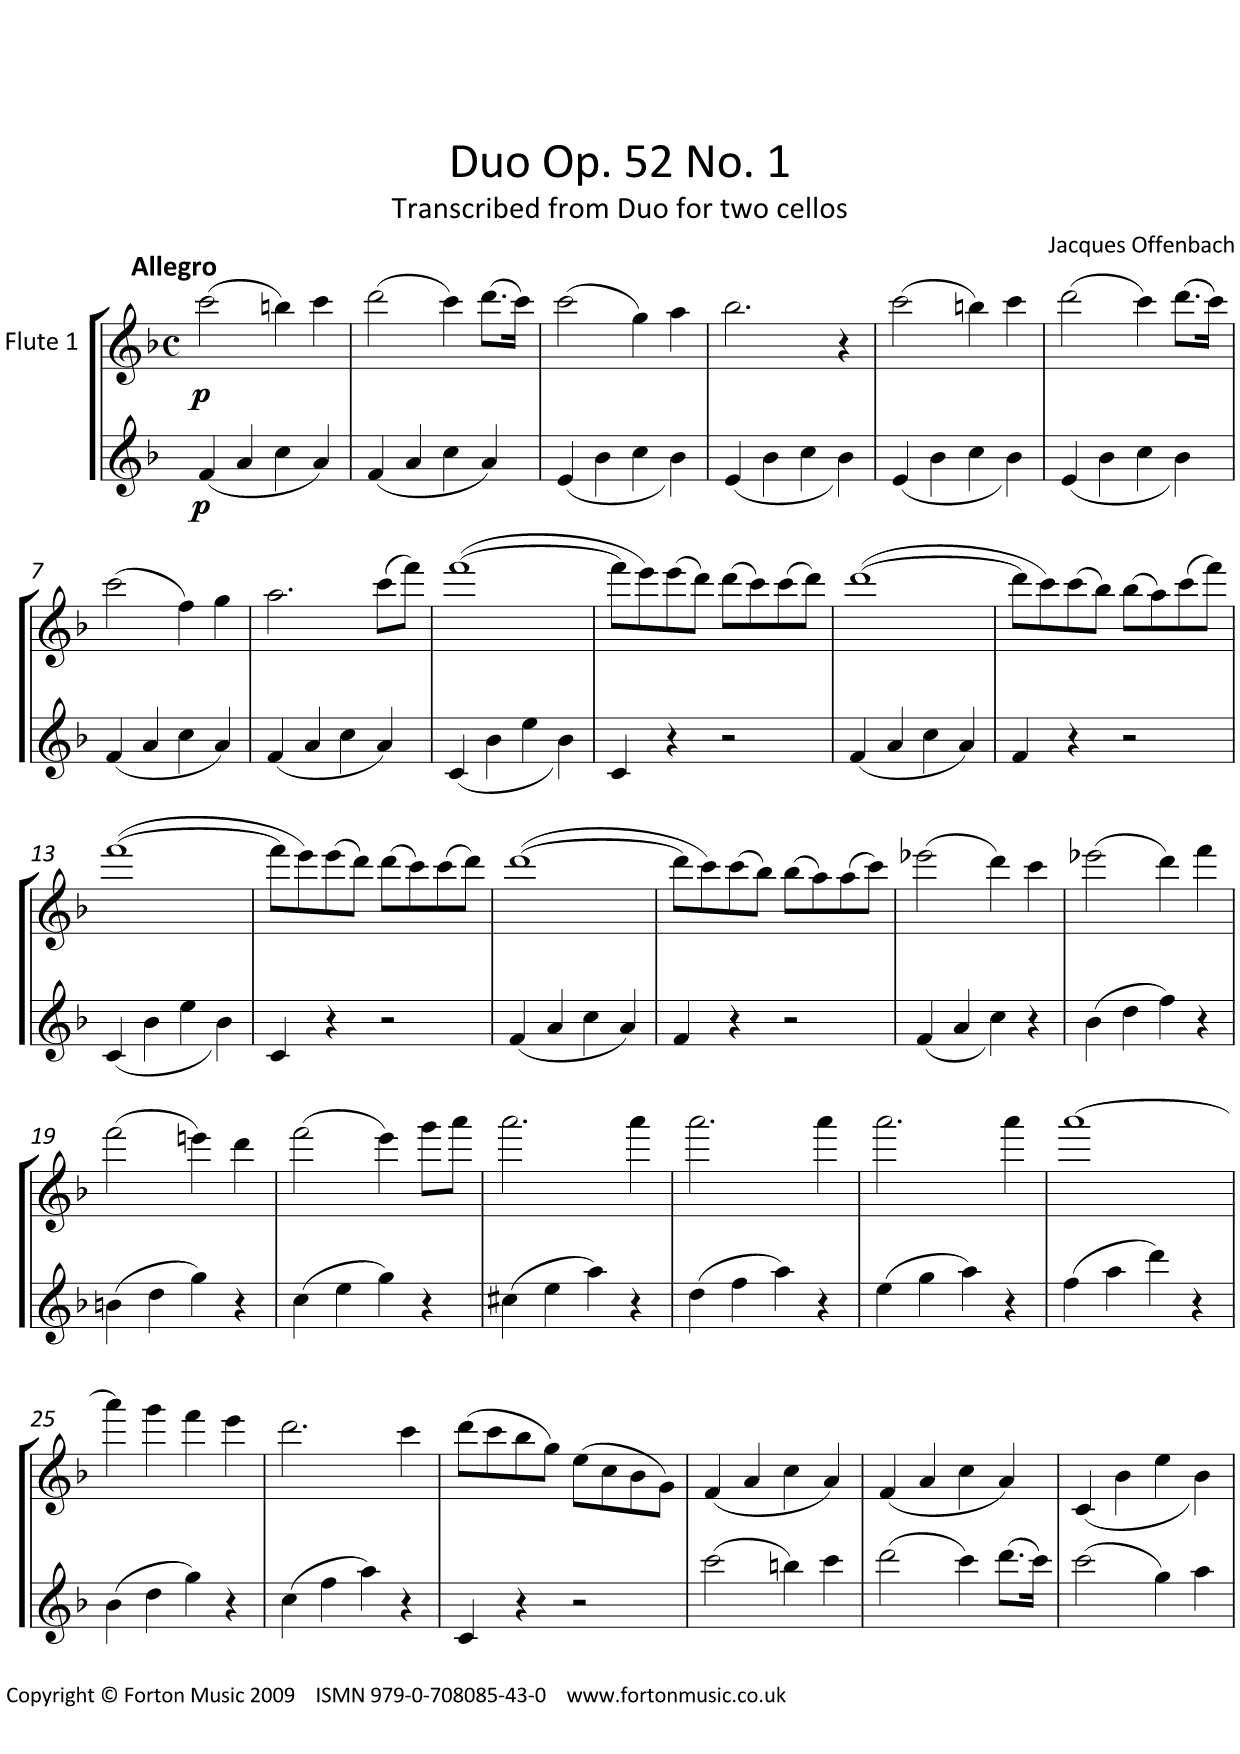 Duos Opus 52 no 1